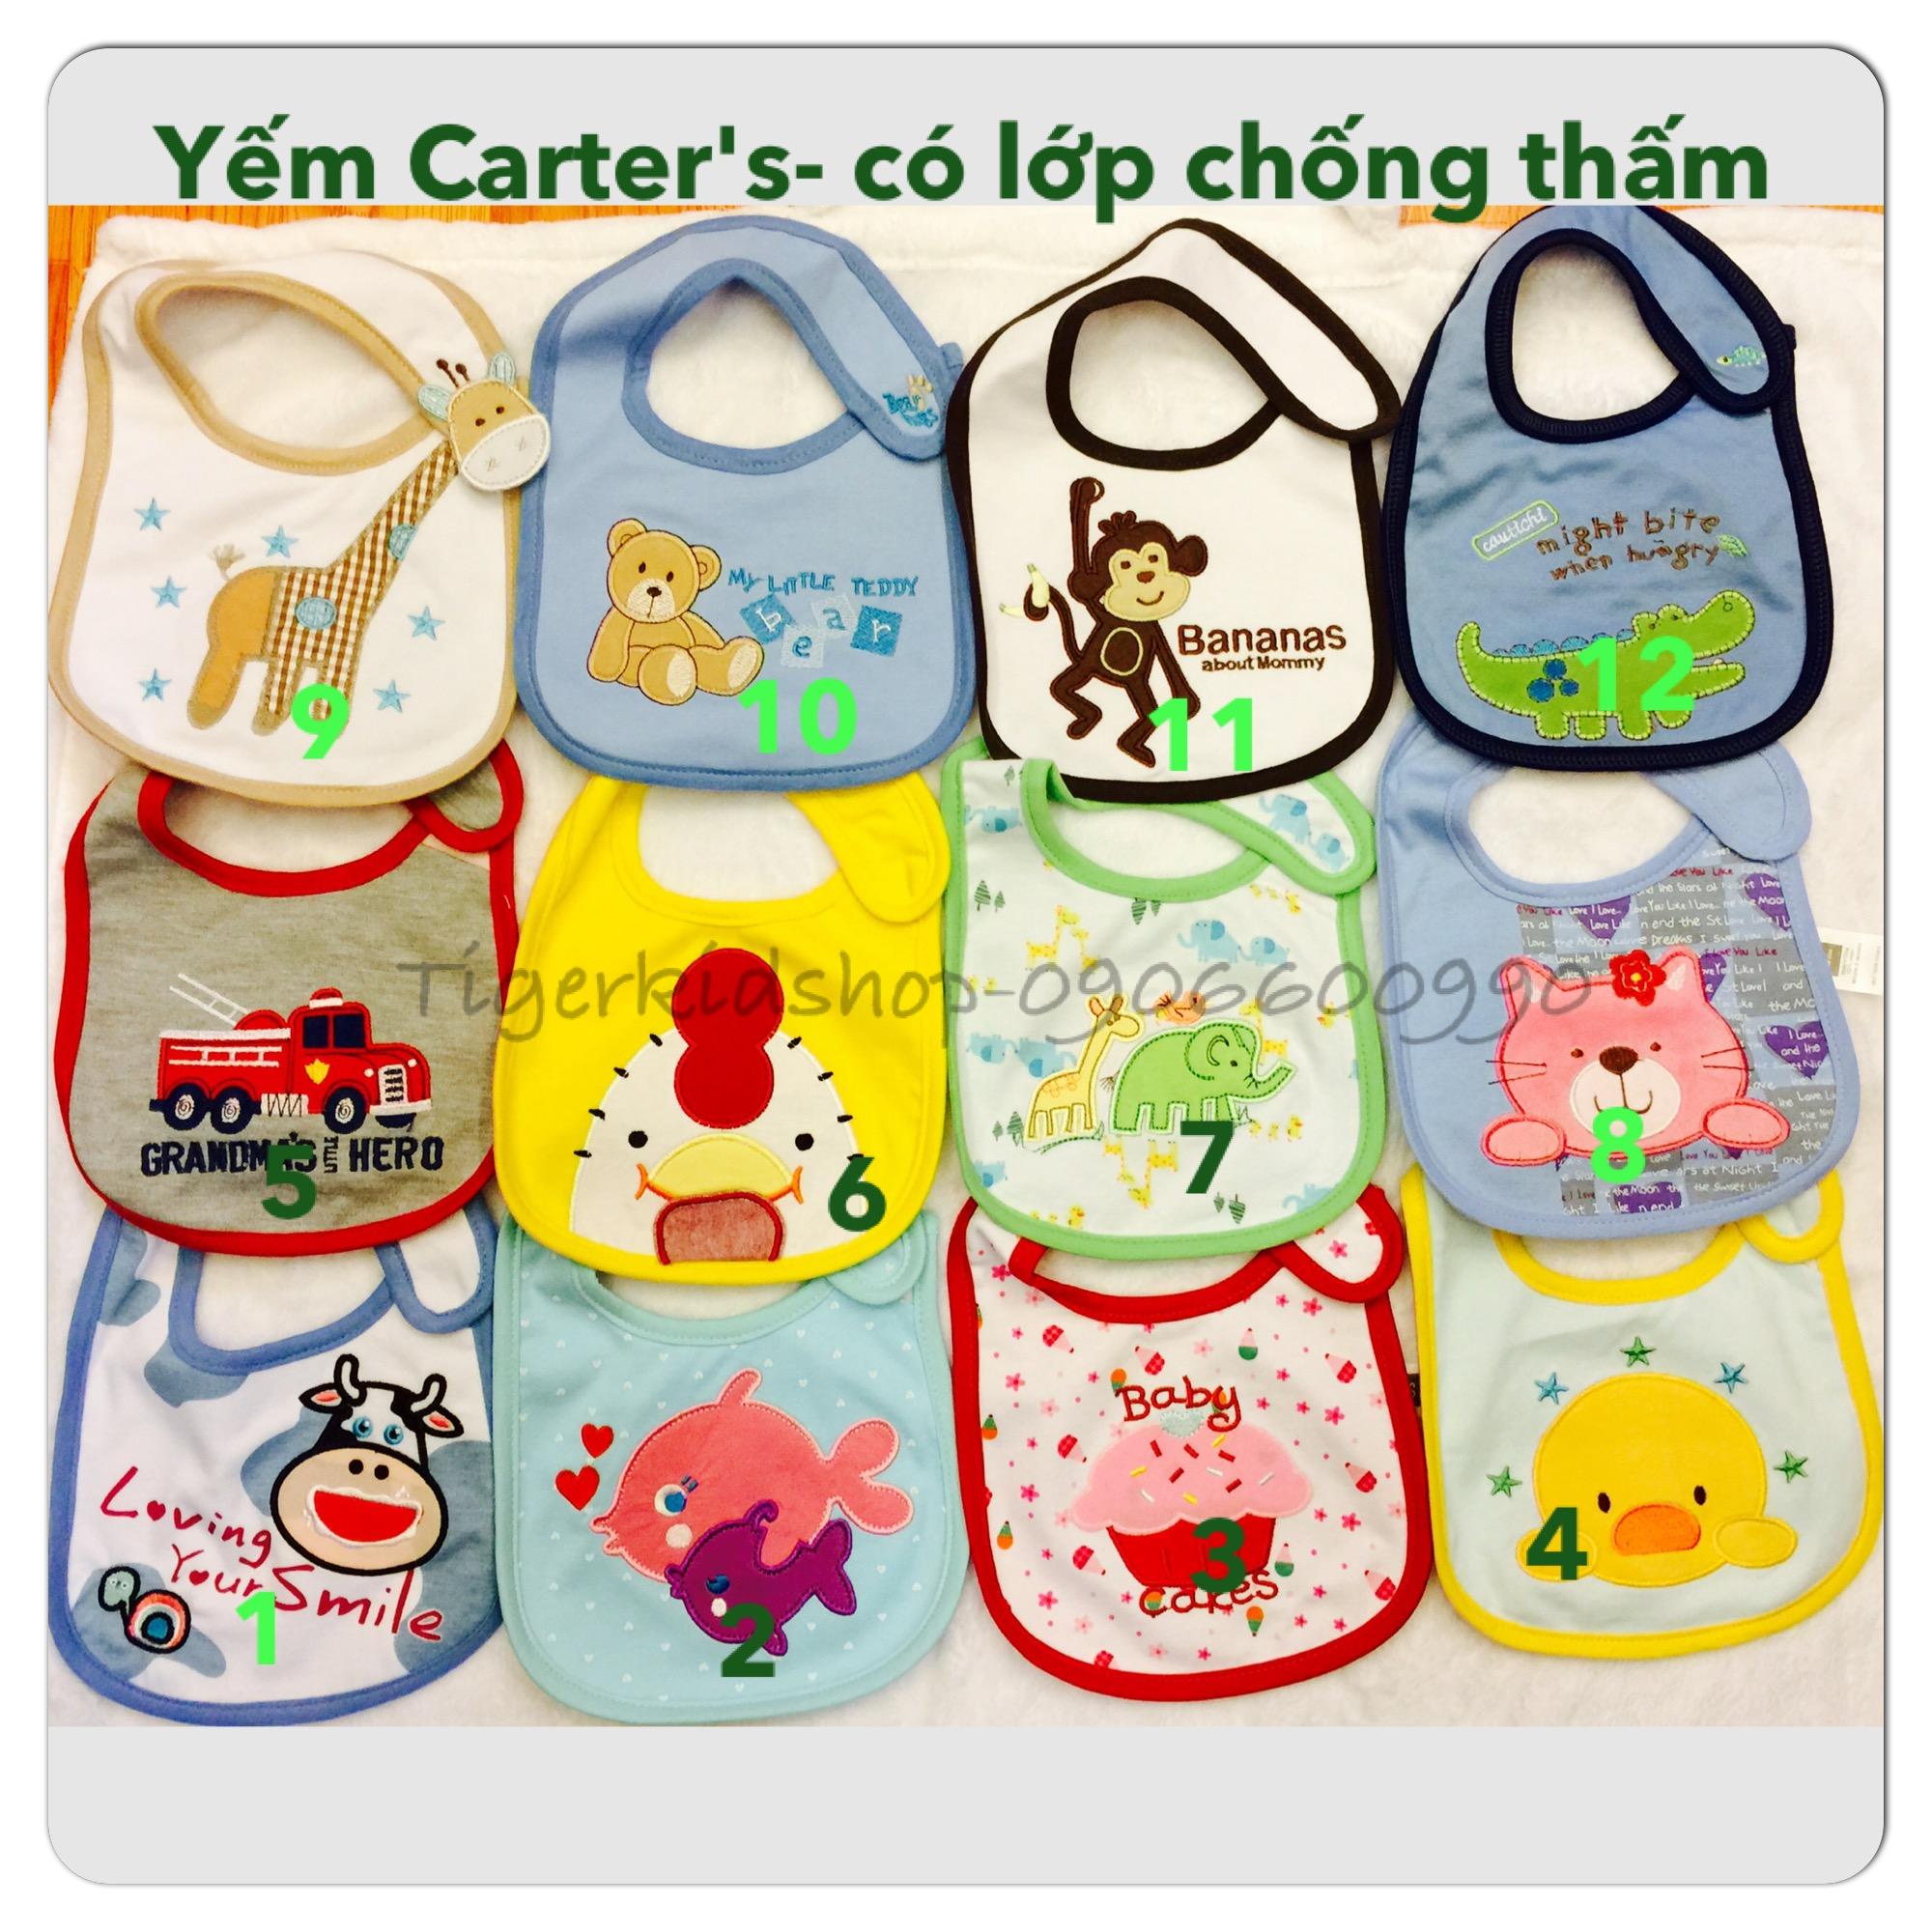 Quần áo trẻ em, bodysuit, Carter, đầm bé gái cao cấp, quần áo trẻ em nhập khẩu, M57-Yếm-Xây Carter's Chống thấm